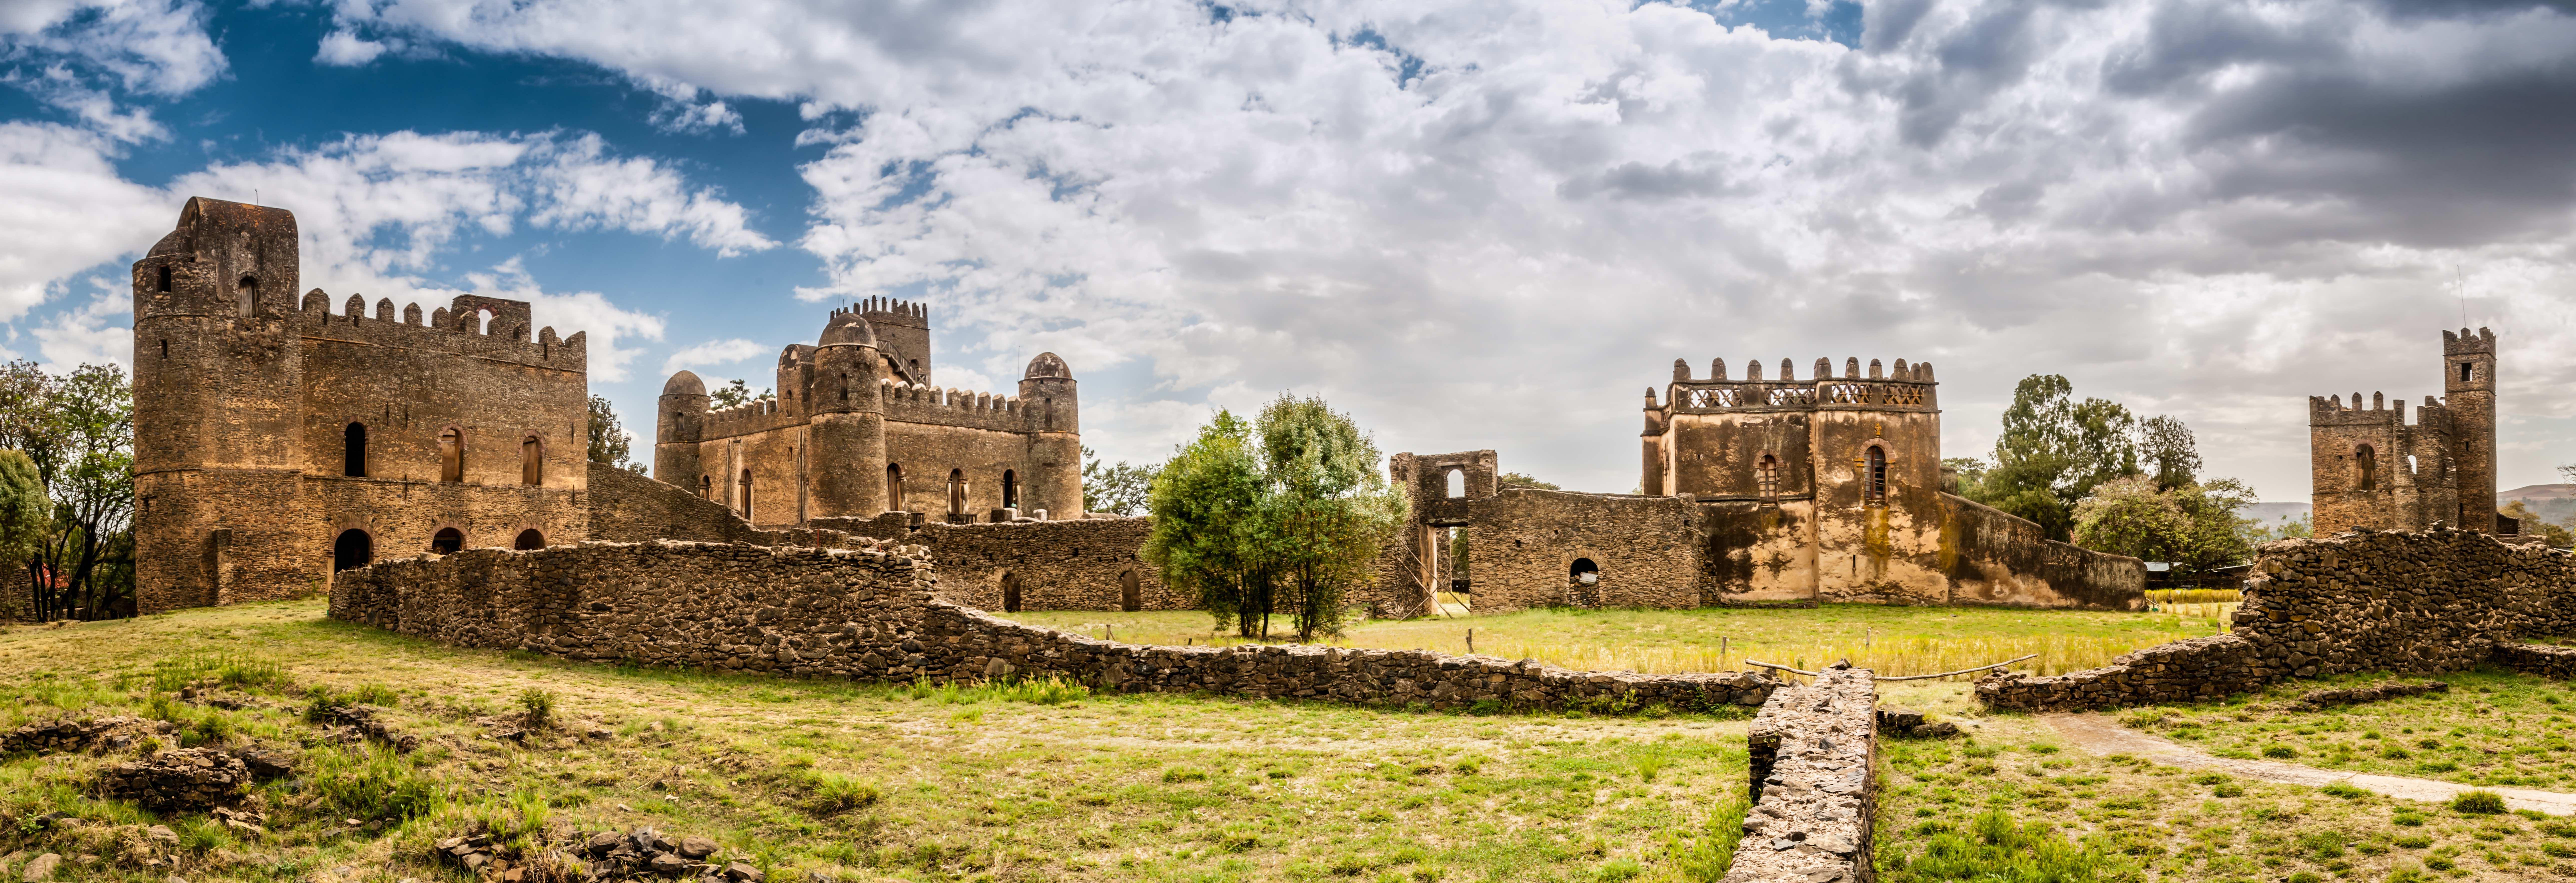 Туры в Эфиопию, сафари, туризм